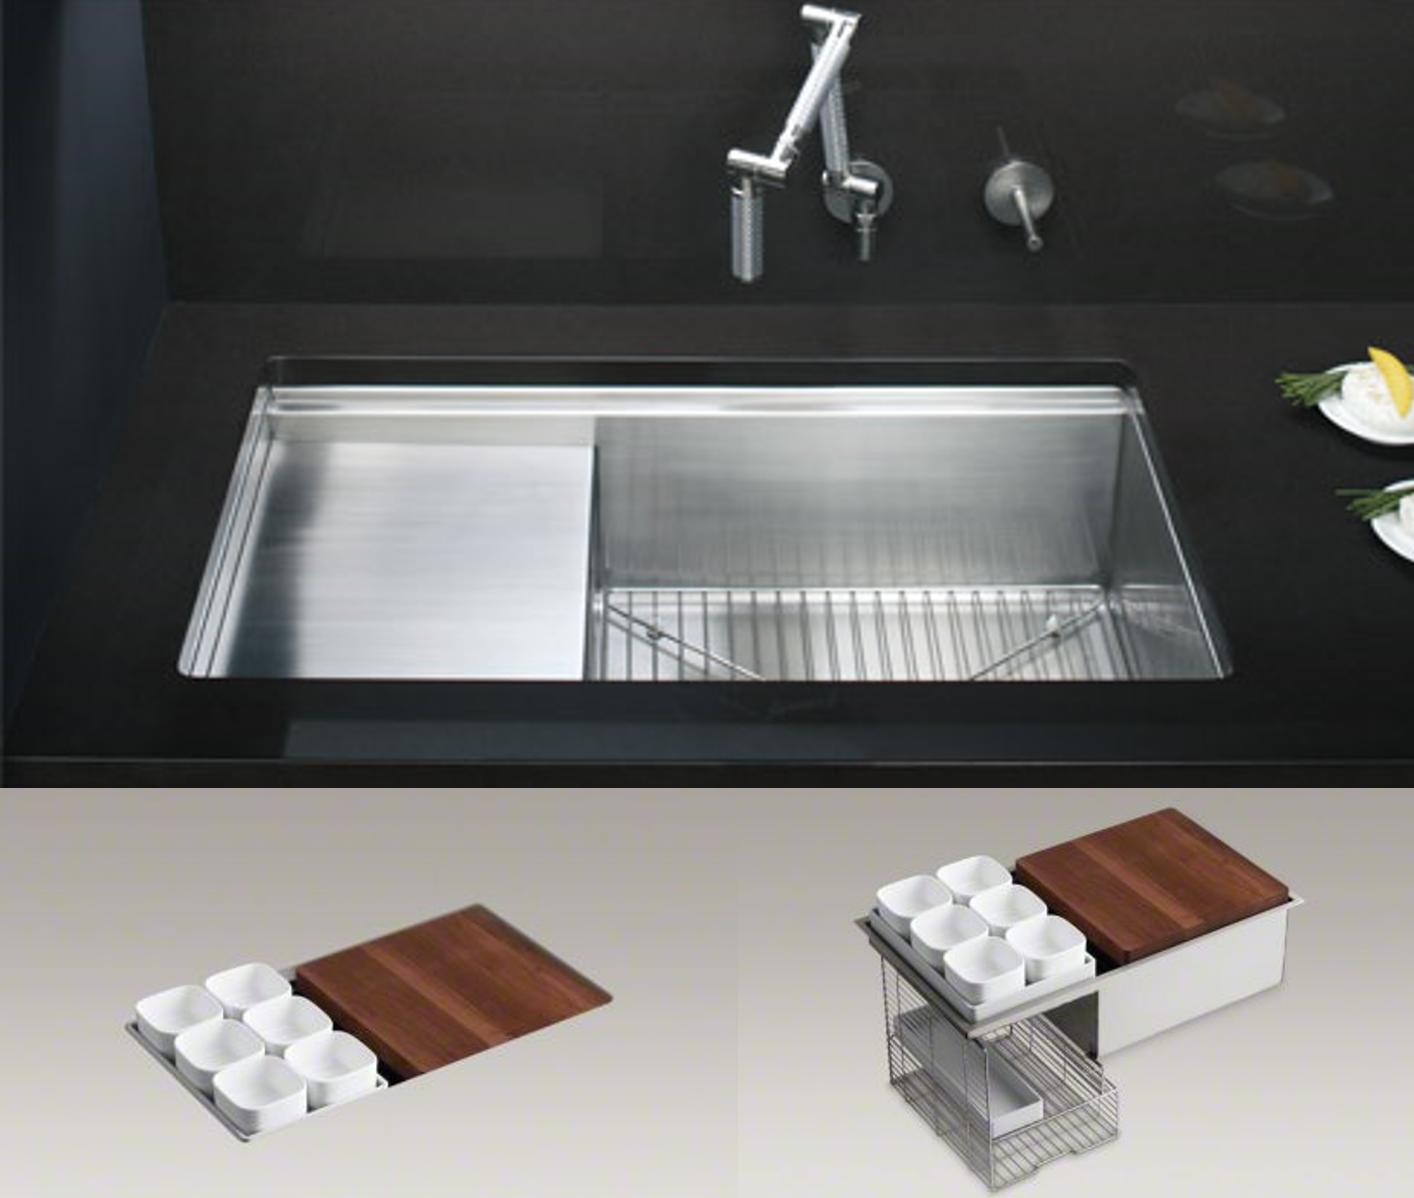 KBIS | mecc interiors | design bites